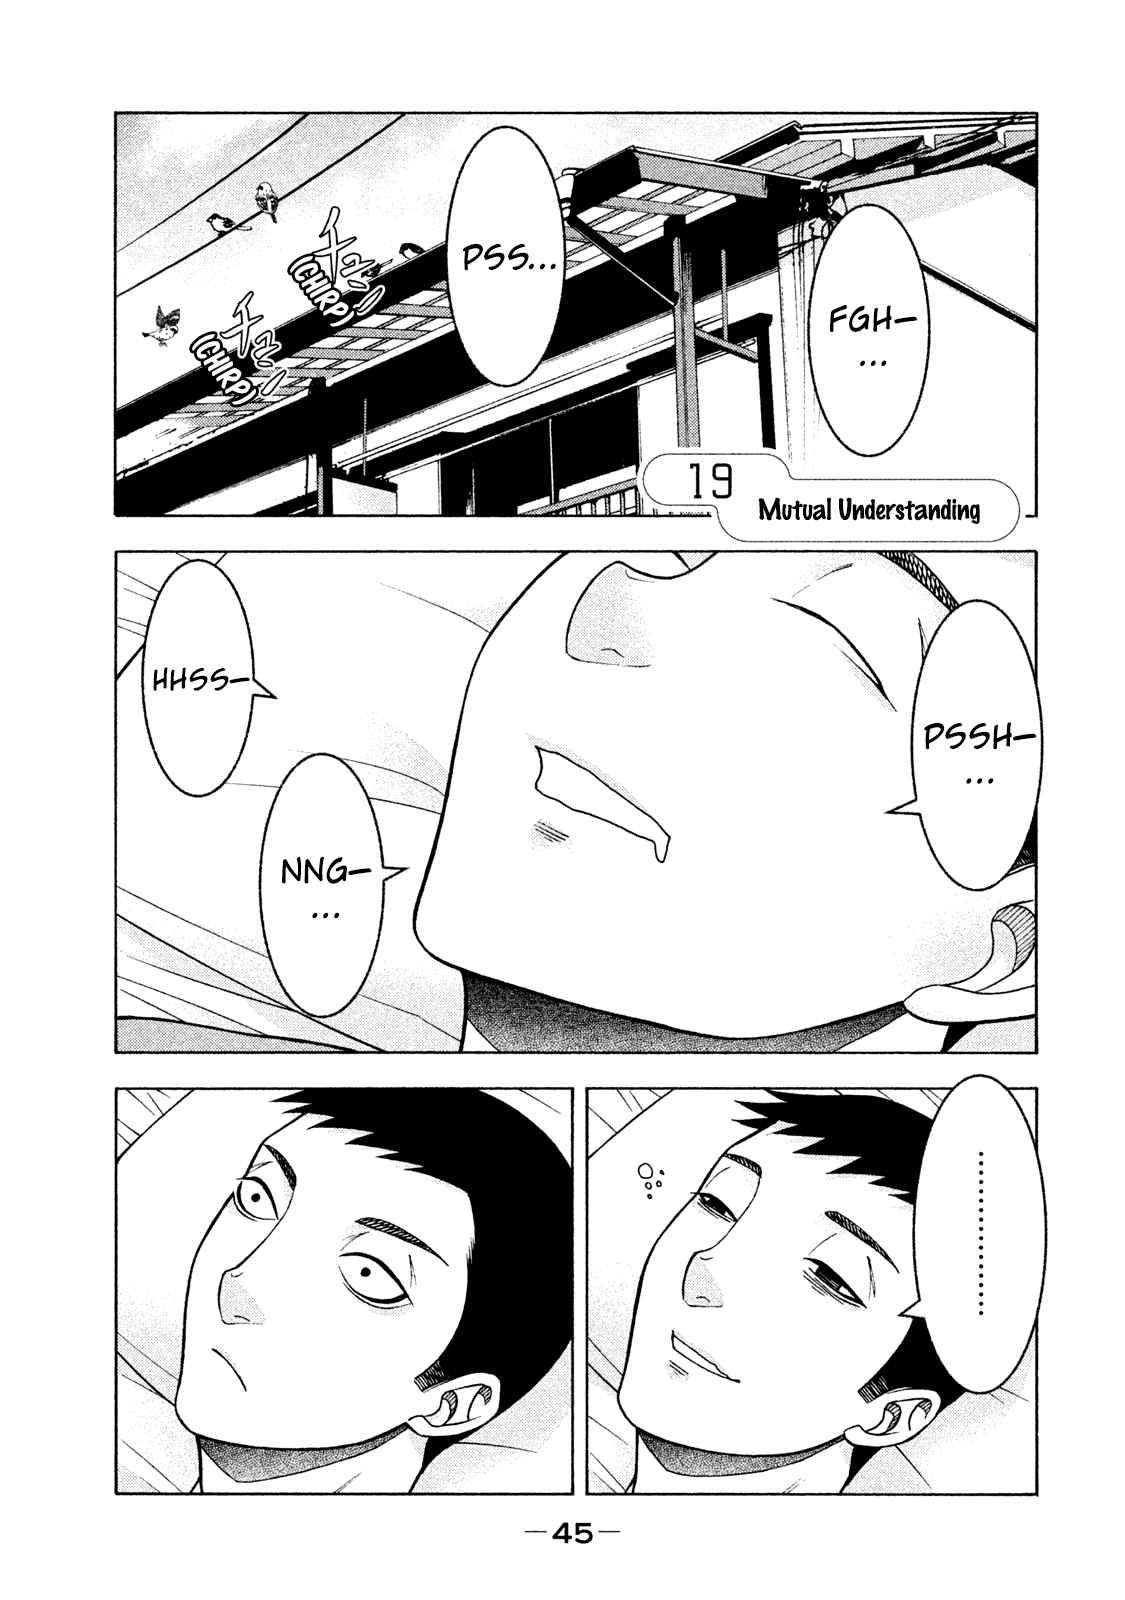 https://img2.nineanime.com/comics/pic2/14/28430/973319/e9eb7d61c4242009c49c45d931e08638.jpg Page 1